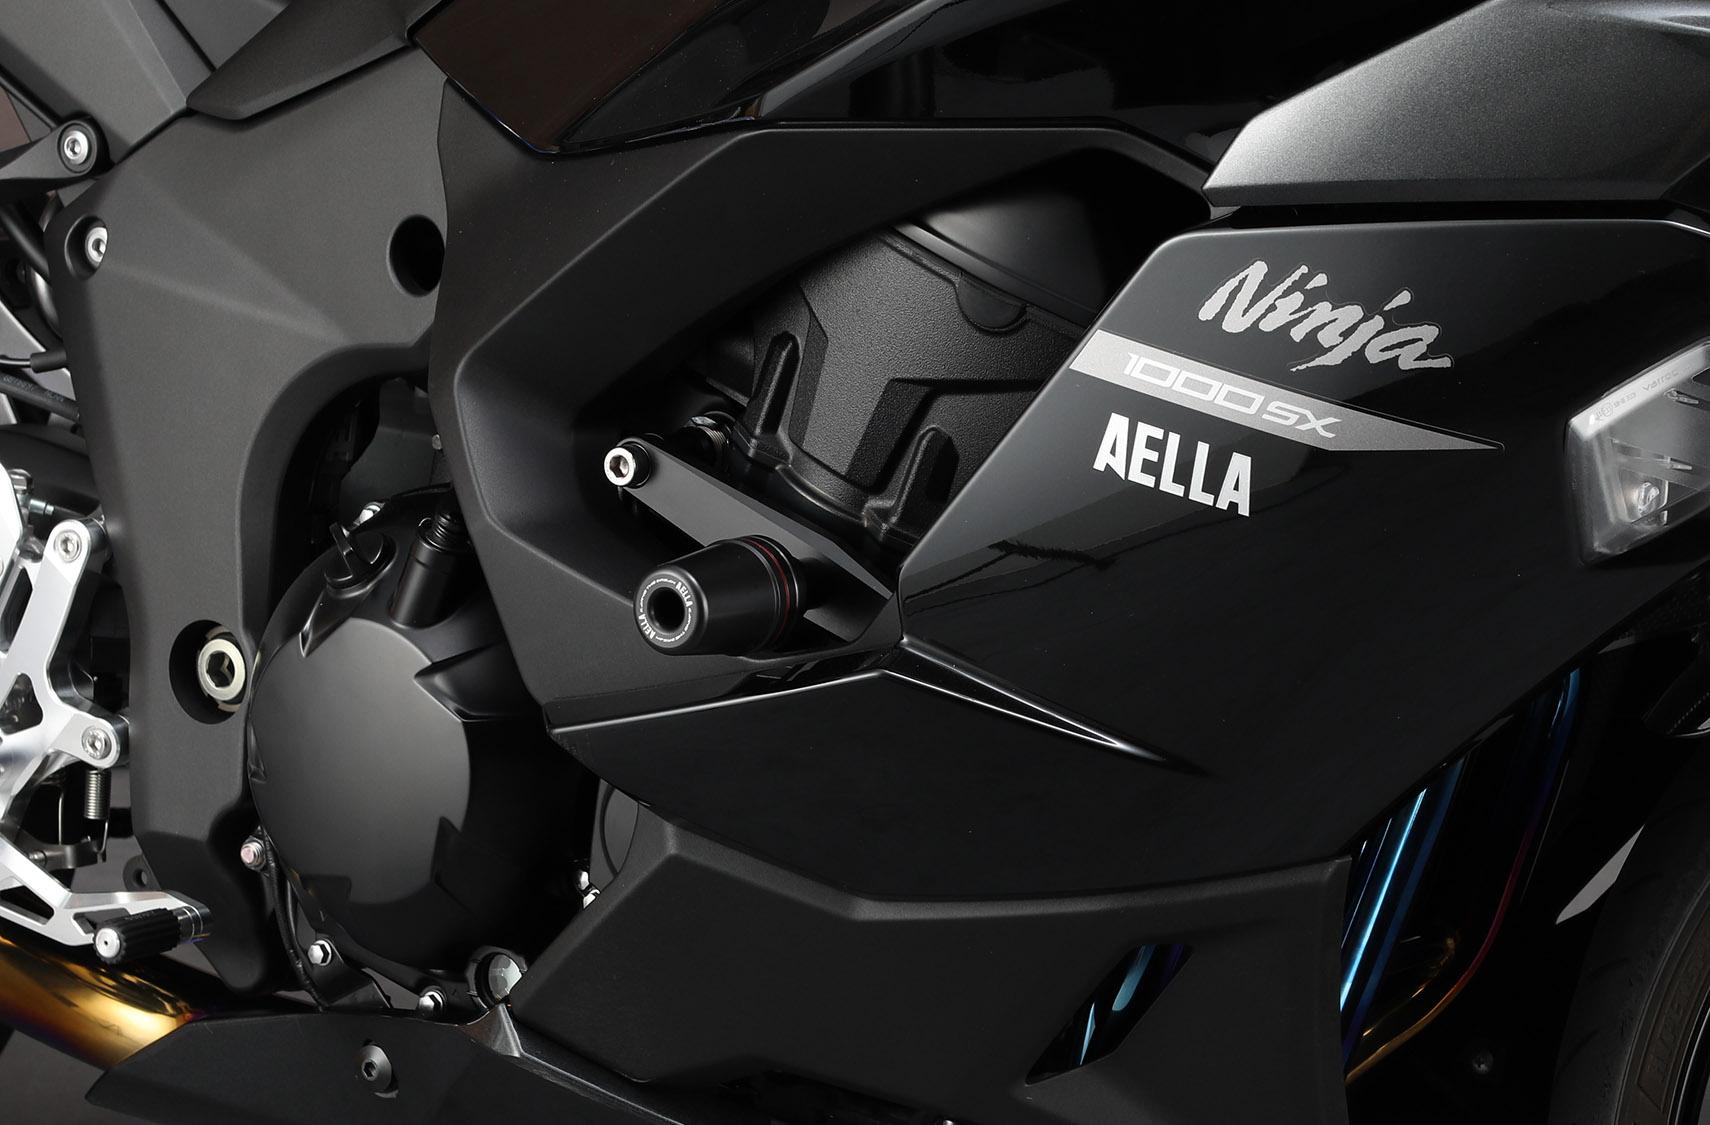 アエラ フレームスライダー ブラック Ninja1000SX